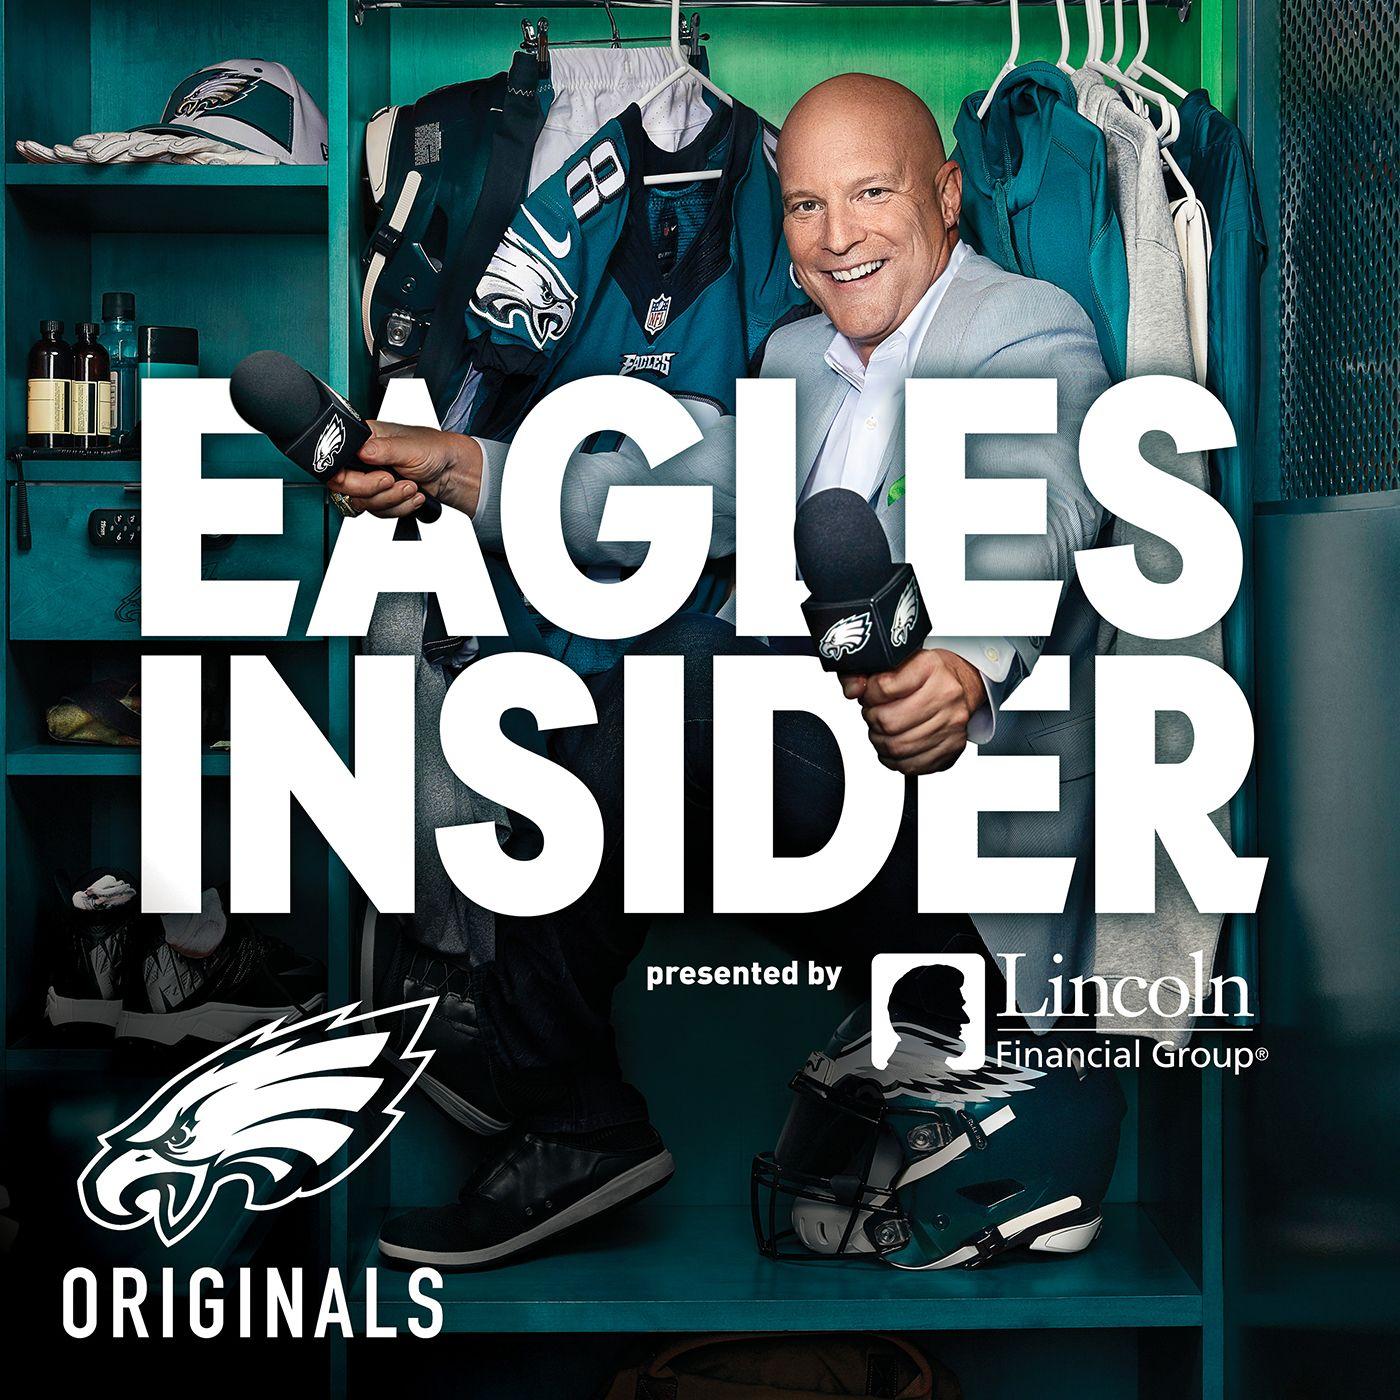 Eagles Insider